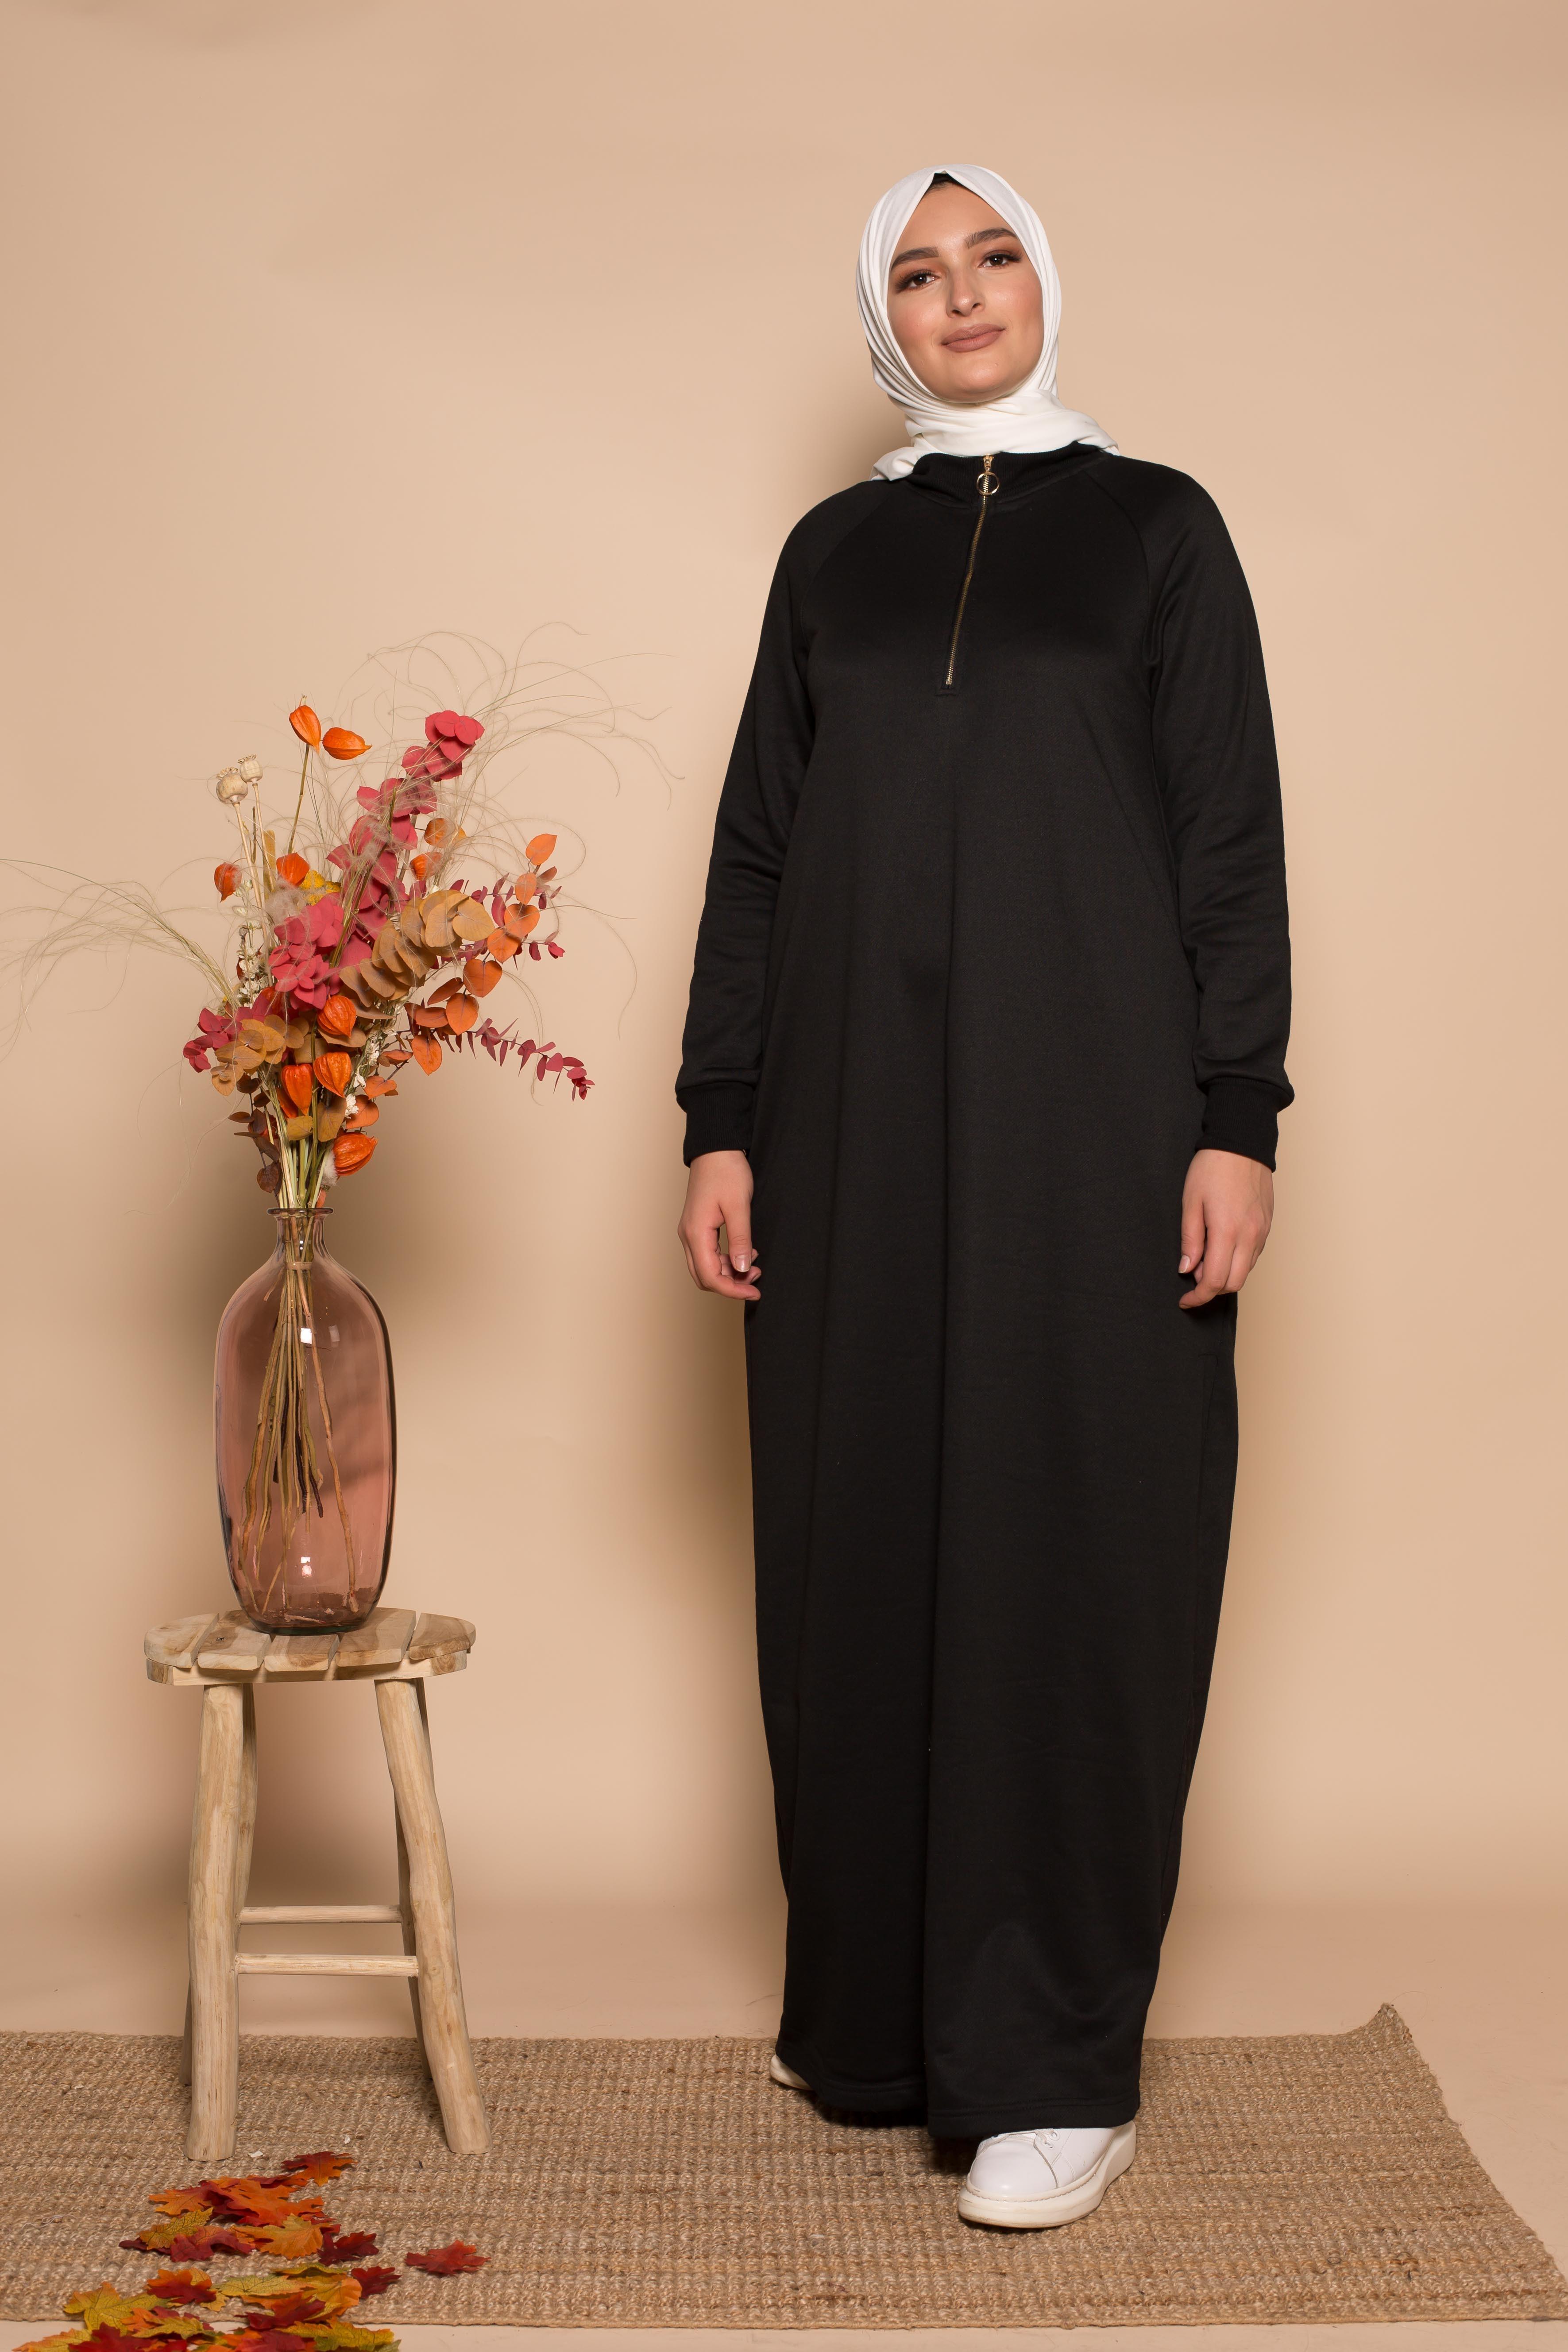 Robe zippy noir